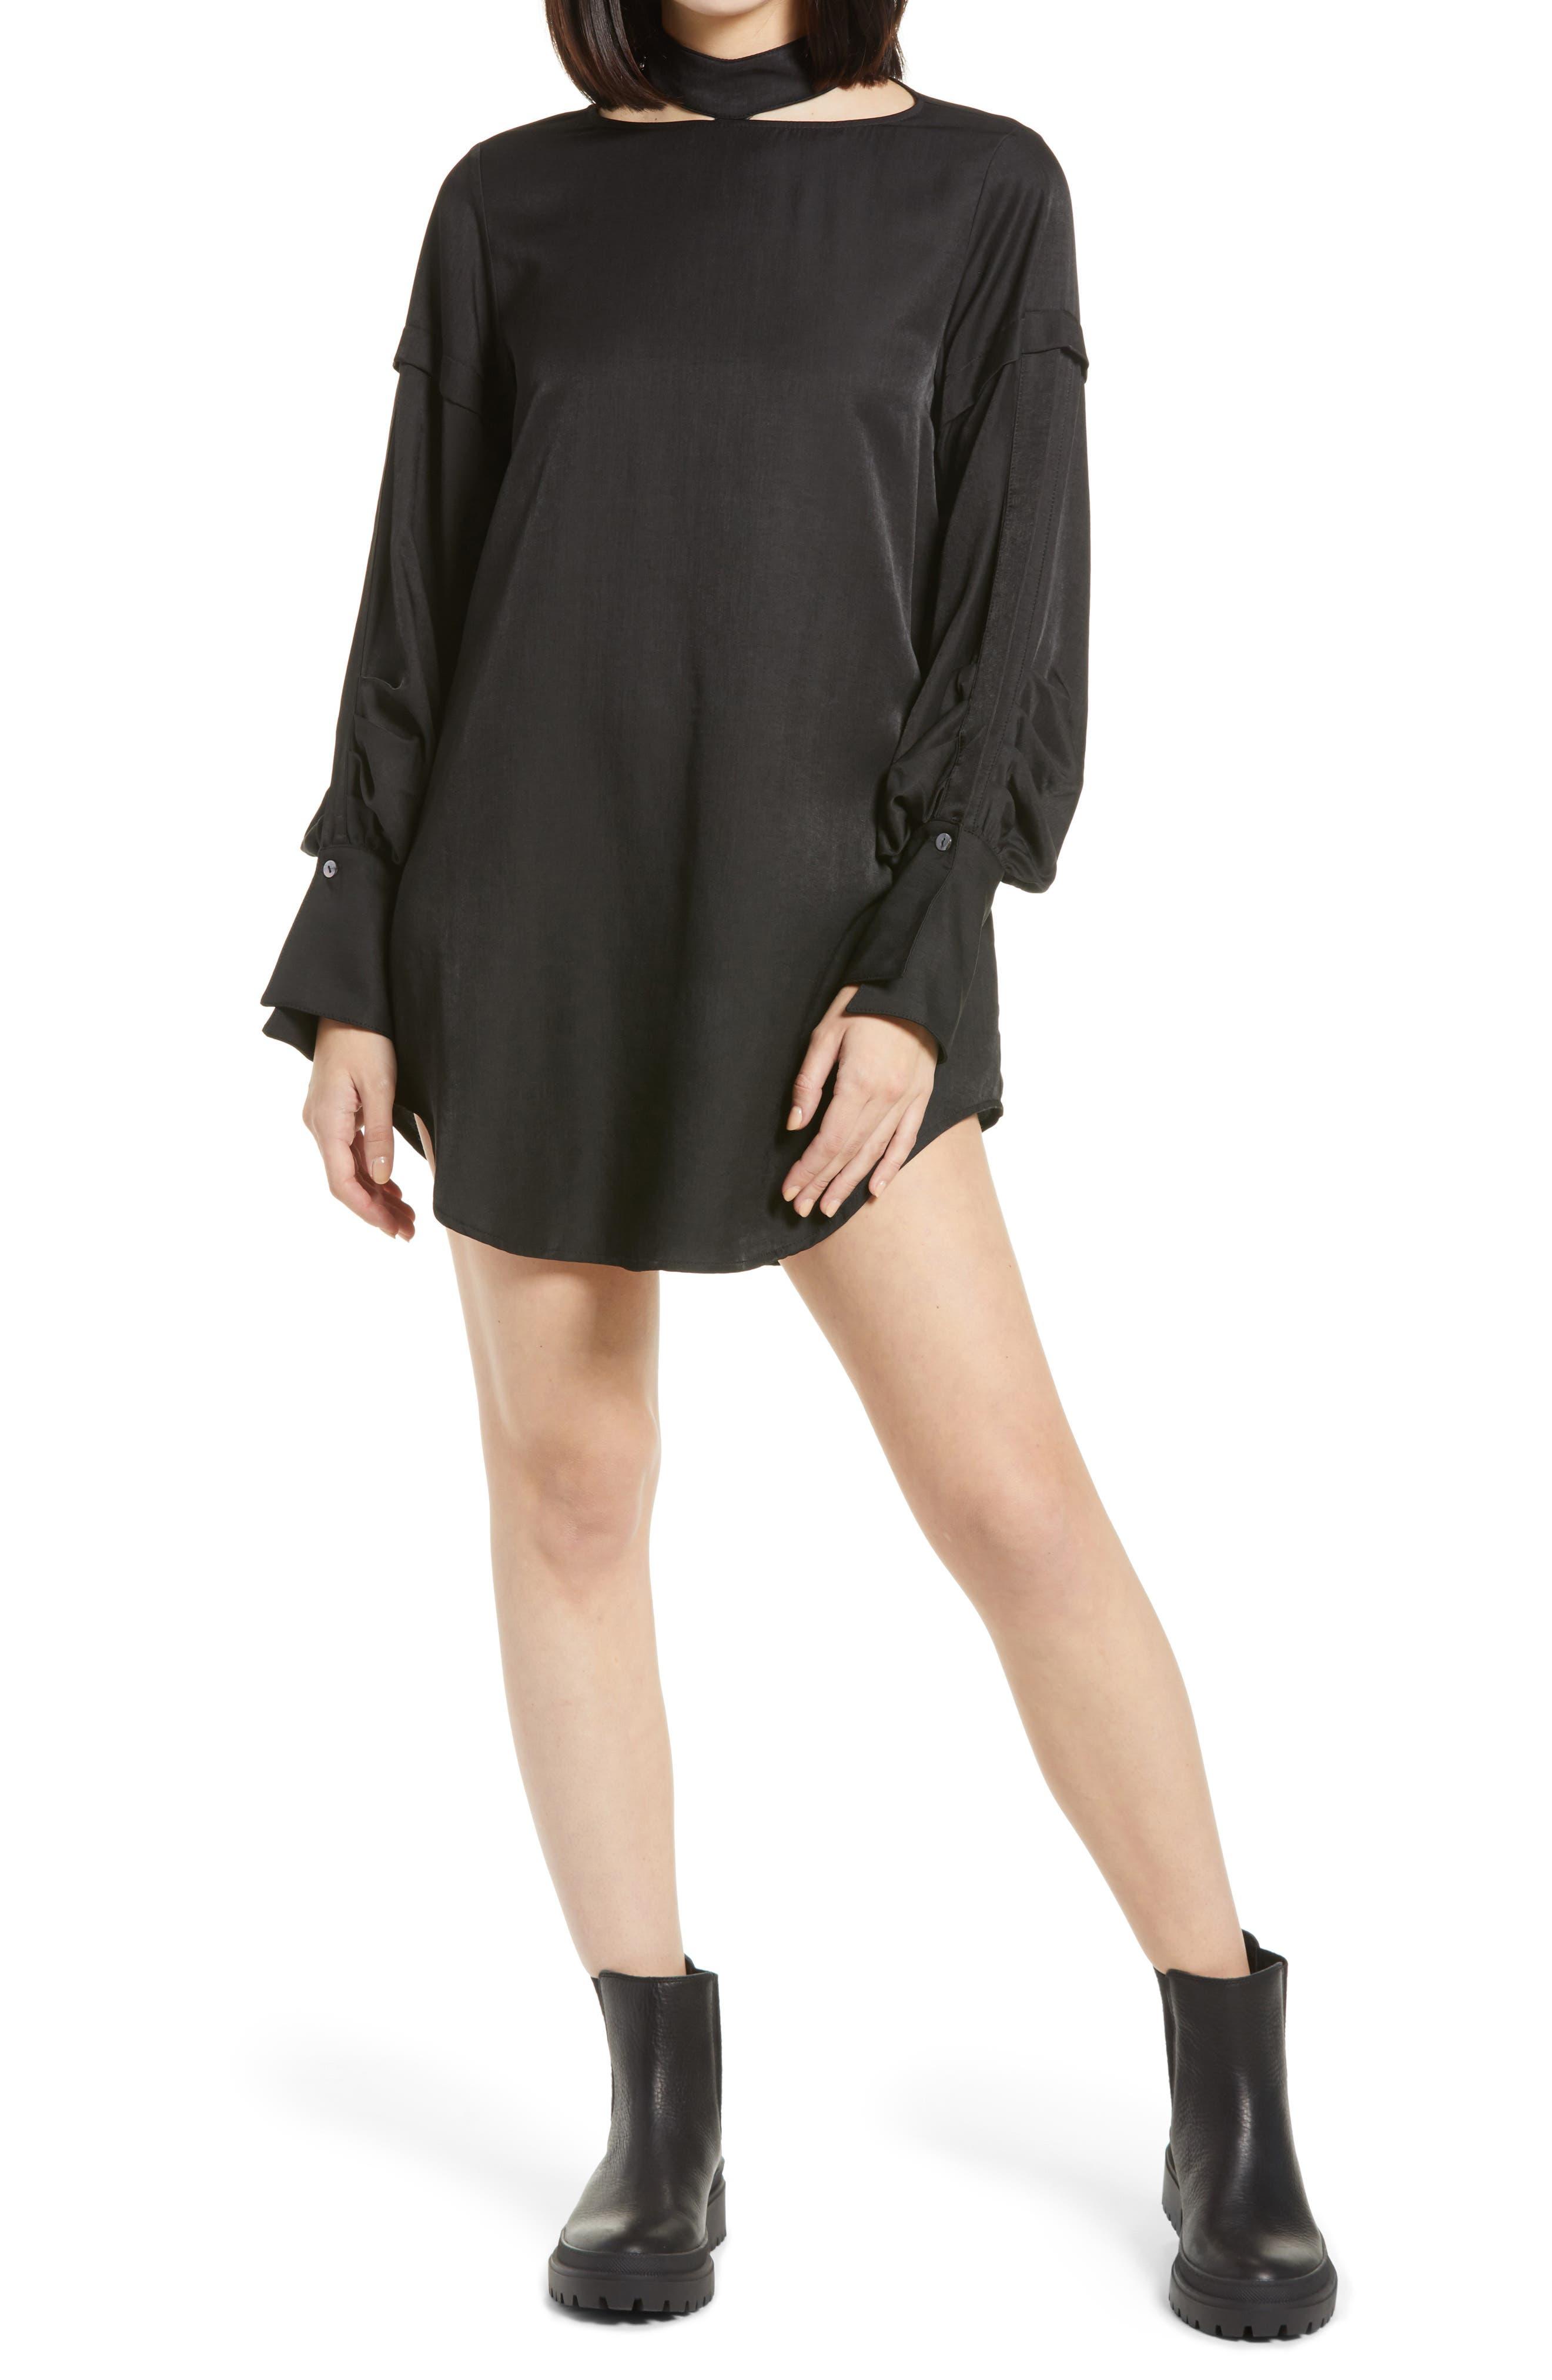 Annabelle Choker Collar Long Sleeve Dress